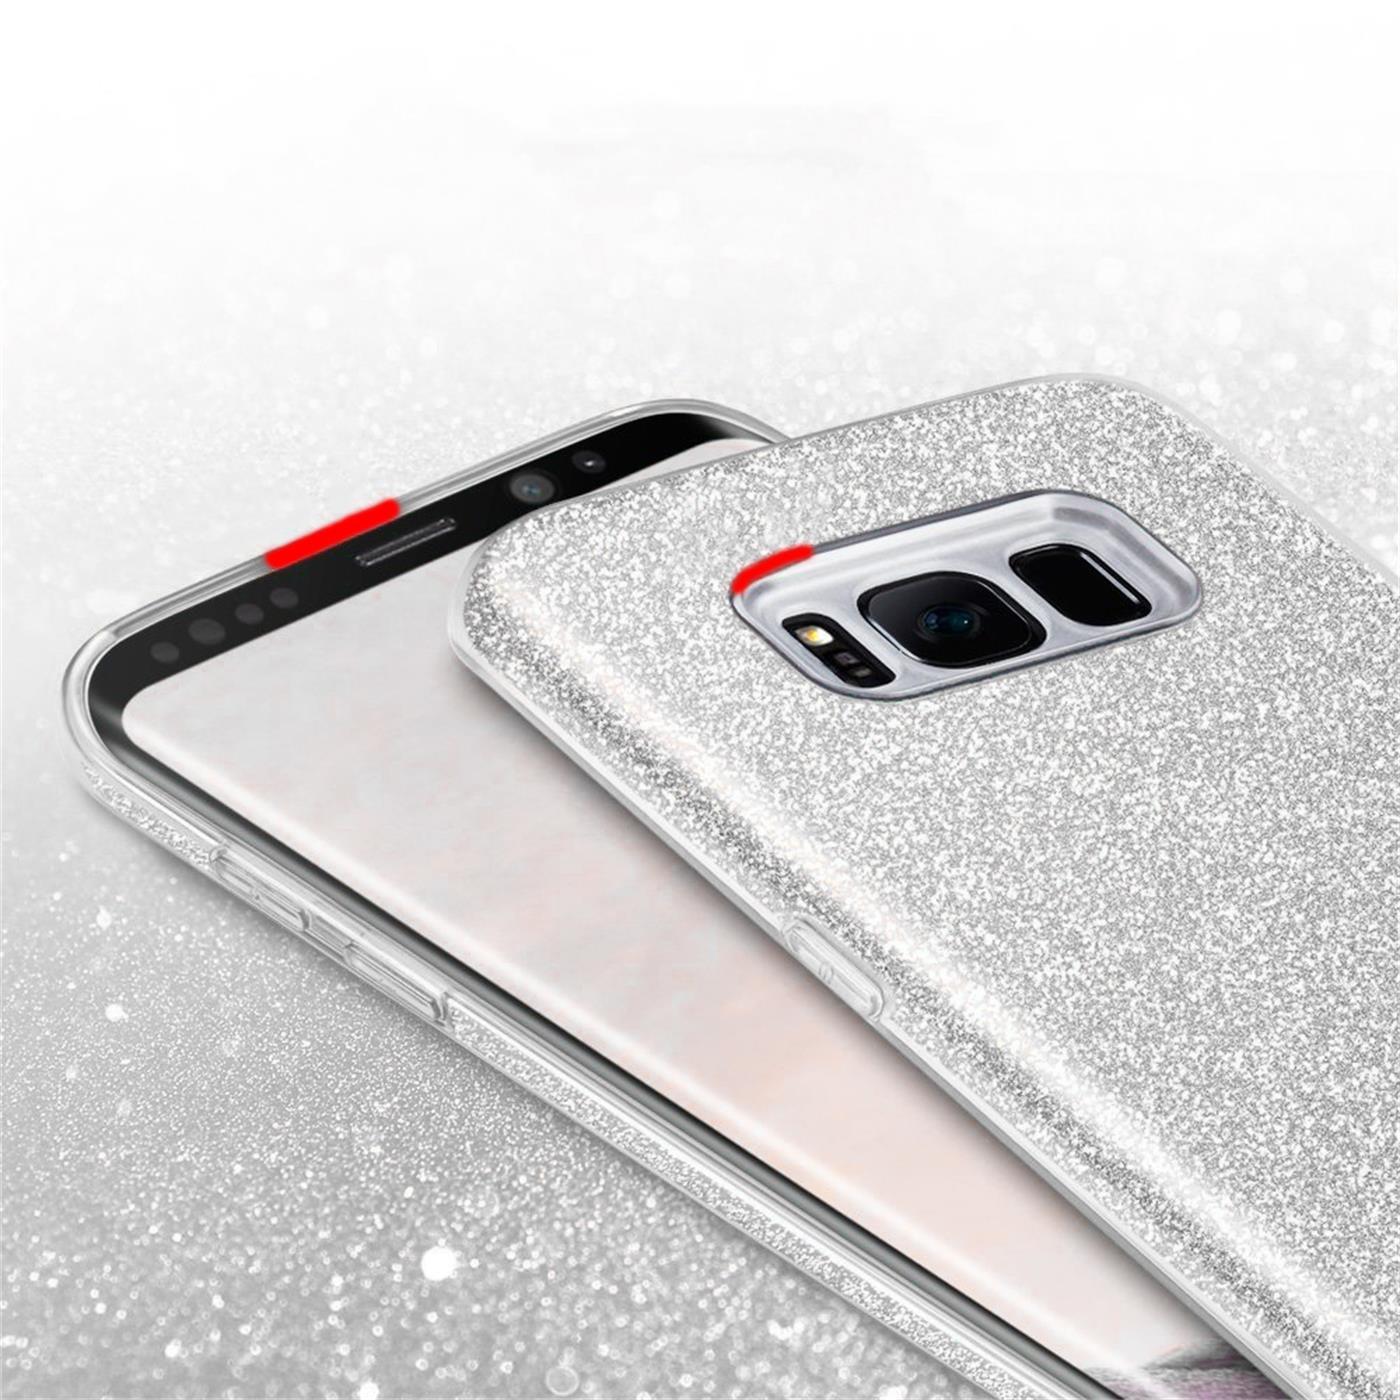 Handy-Glitzer-Huelle-fuer-Samsung-Galaxy-Slim-TPU-Cover-Case-Silikon-Schutz-Tasche Indexbild 24